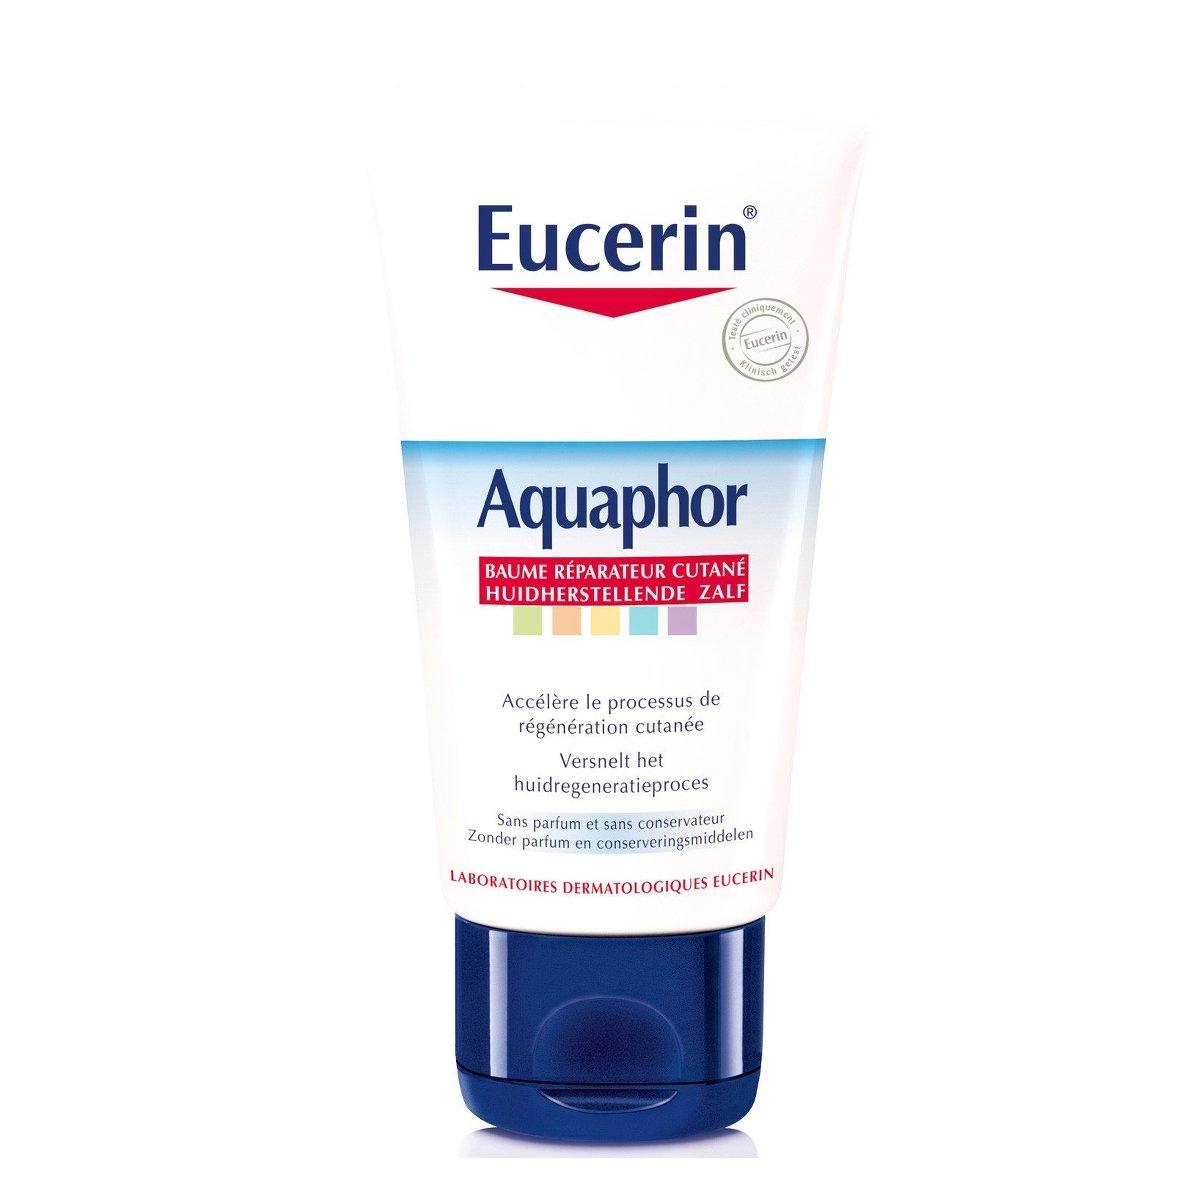 aquaphor made by eucerin